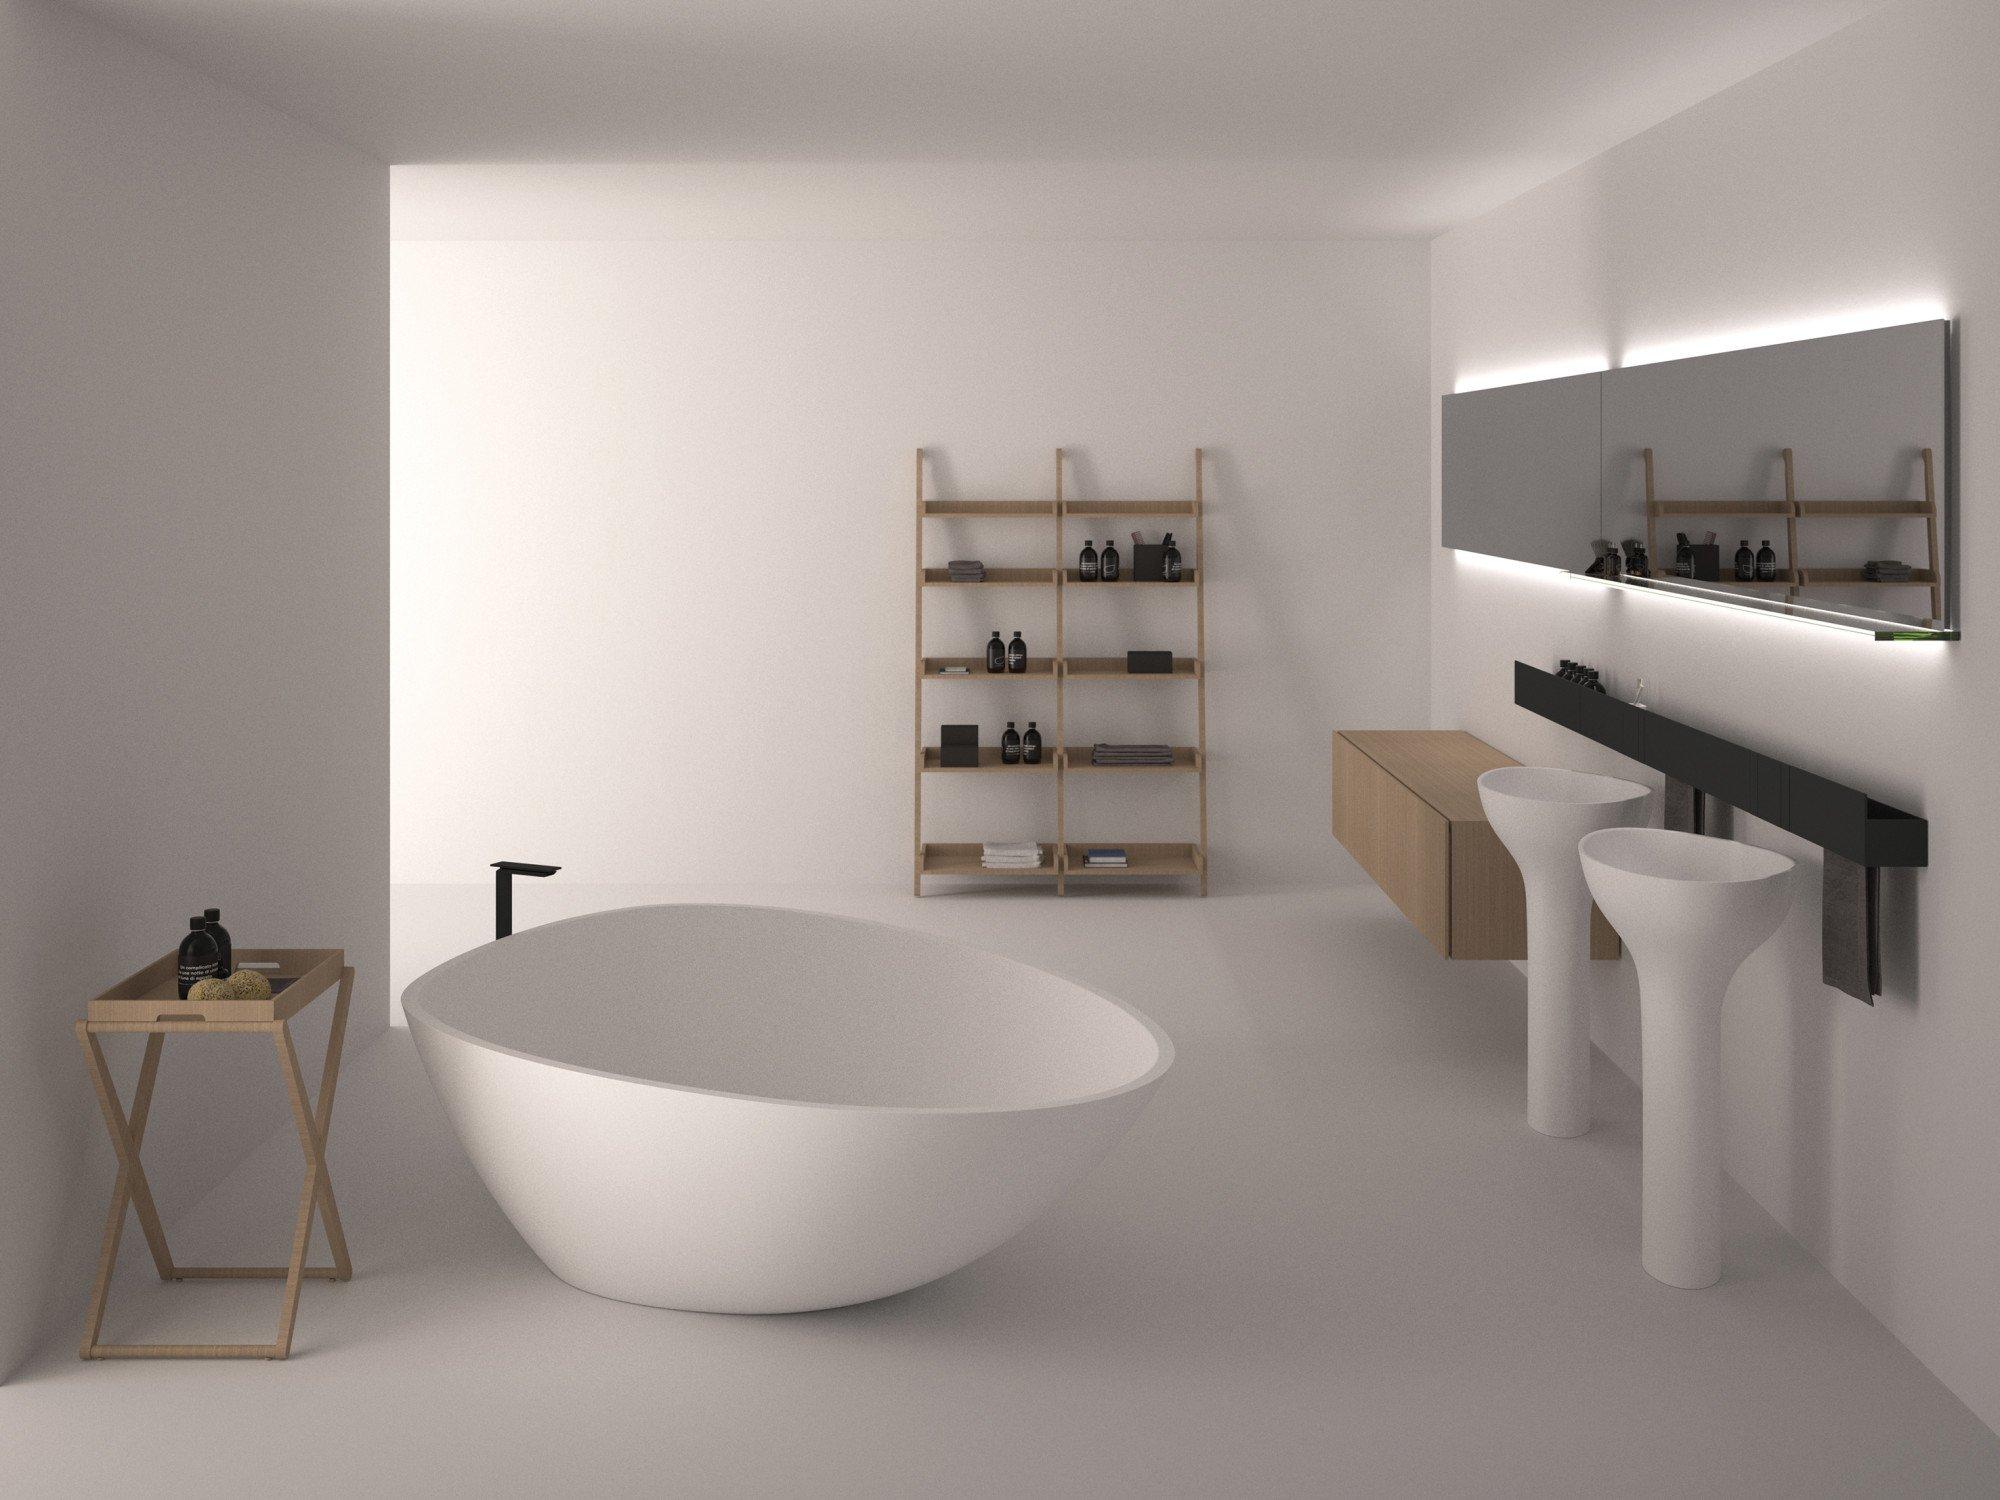 armatureneinheit für dusche und badewanne | bad und sanitär | news, Hause ideen